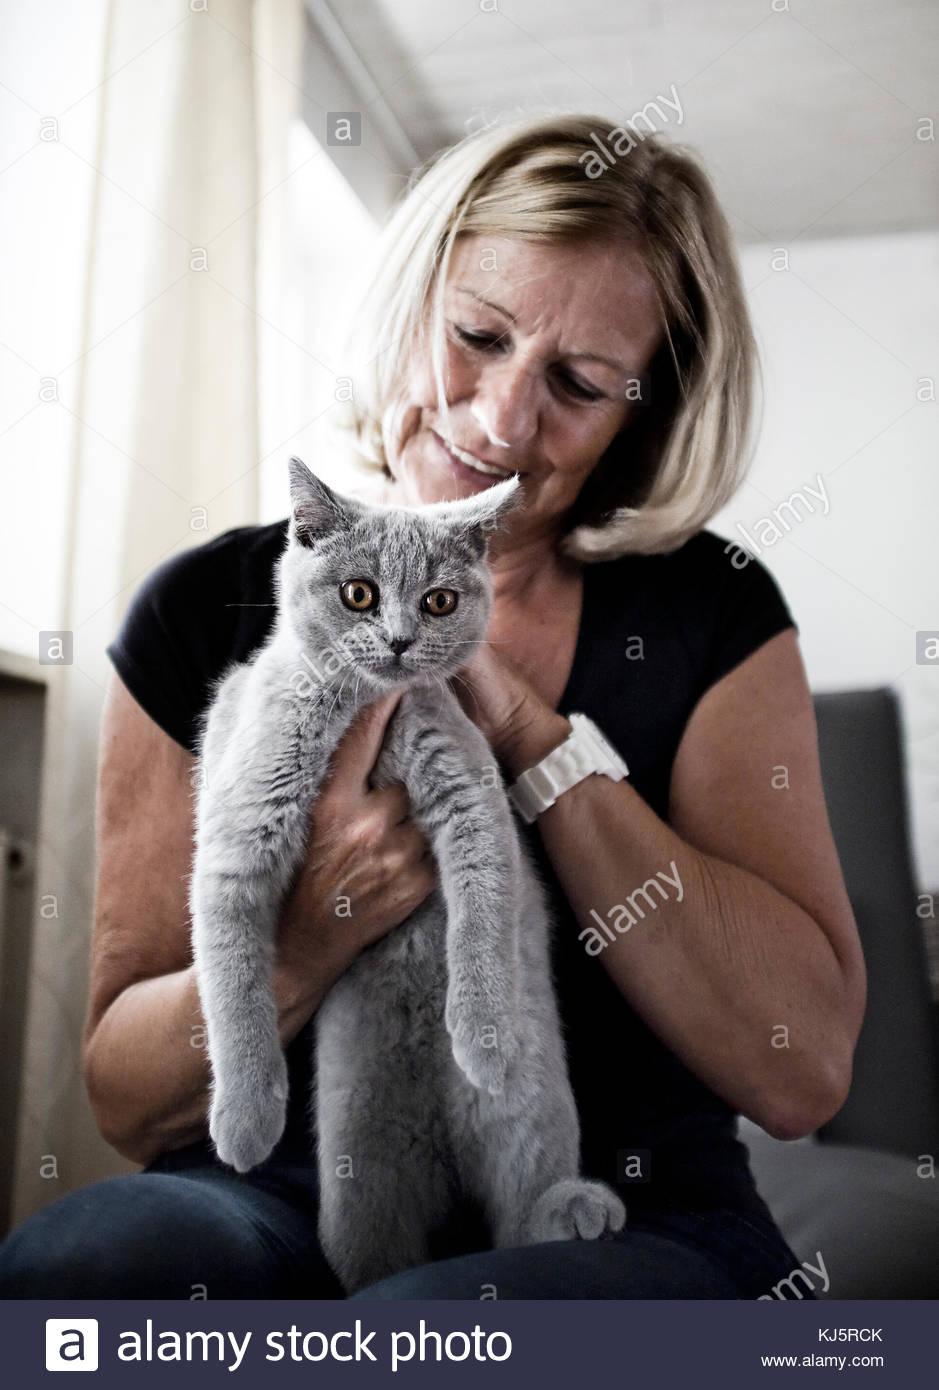 Mujer sosteniendo cat. Imagen De Stock